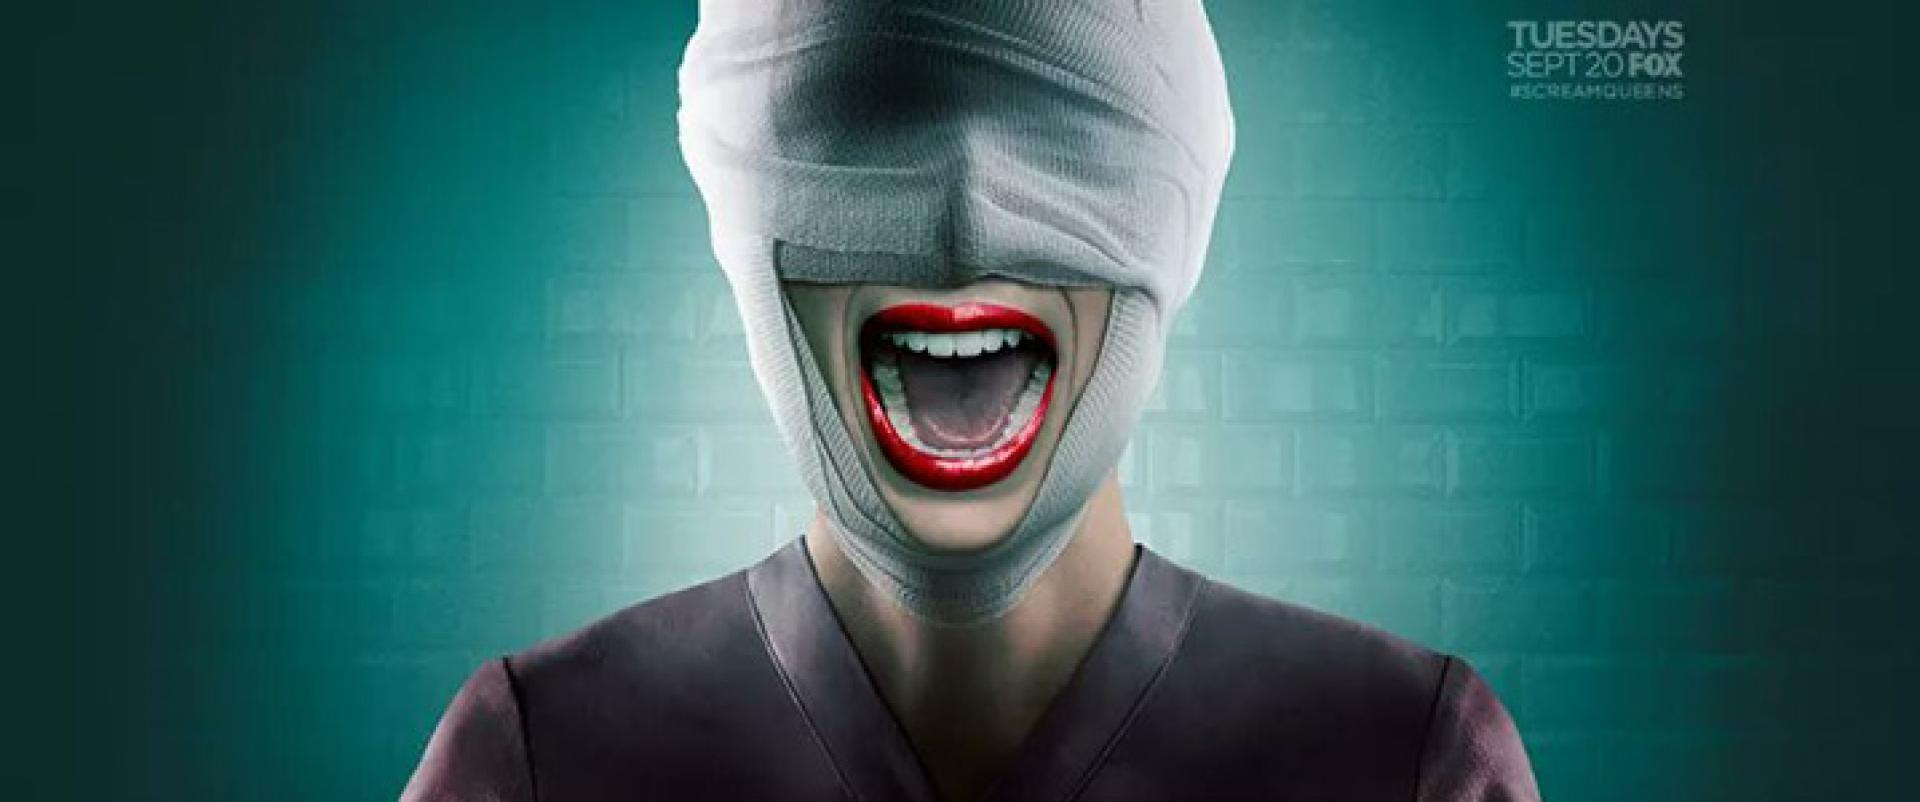 Scream Queens 2x03